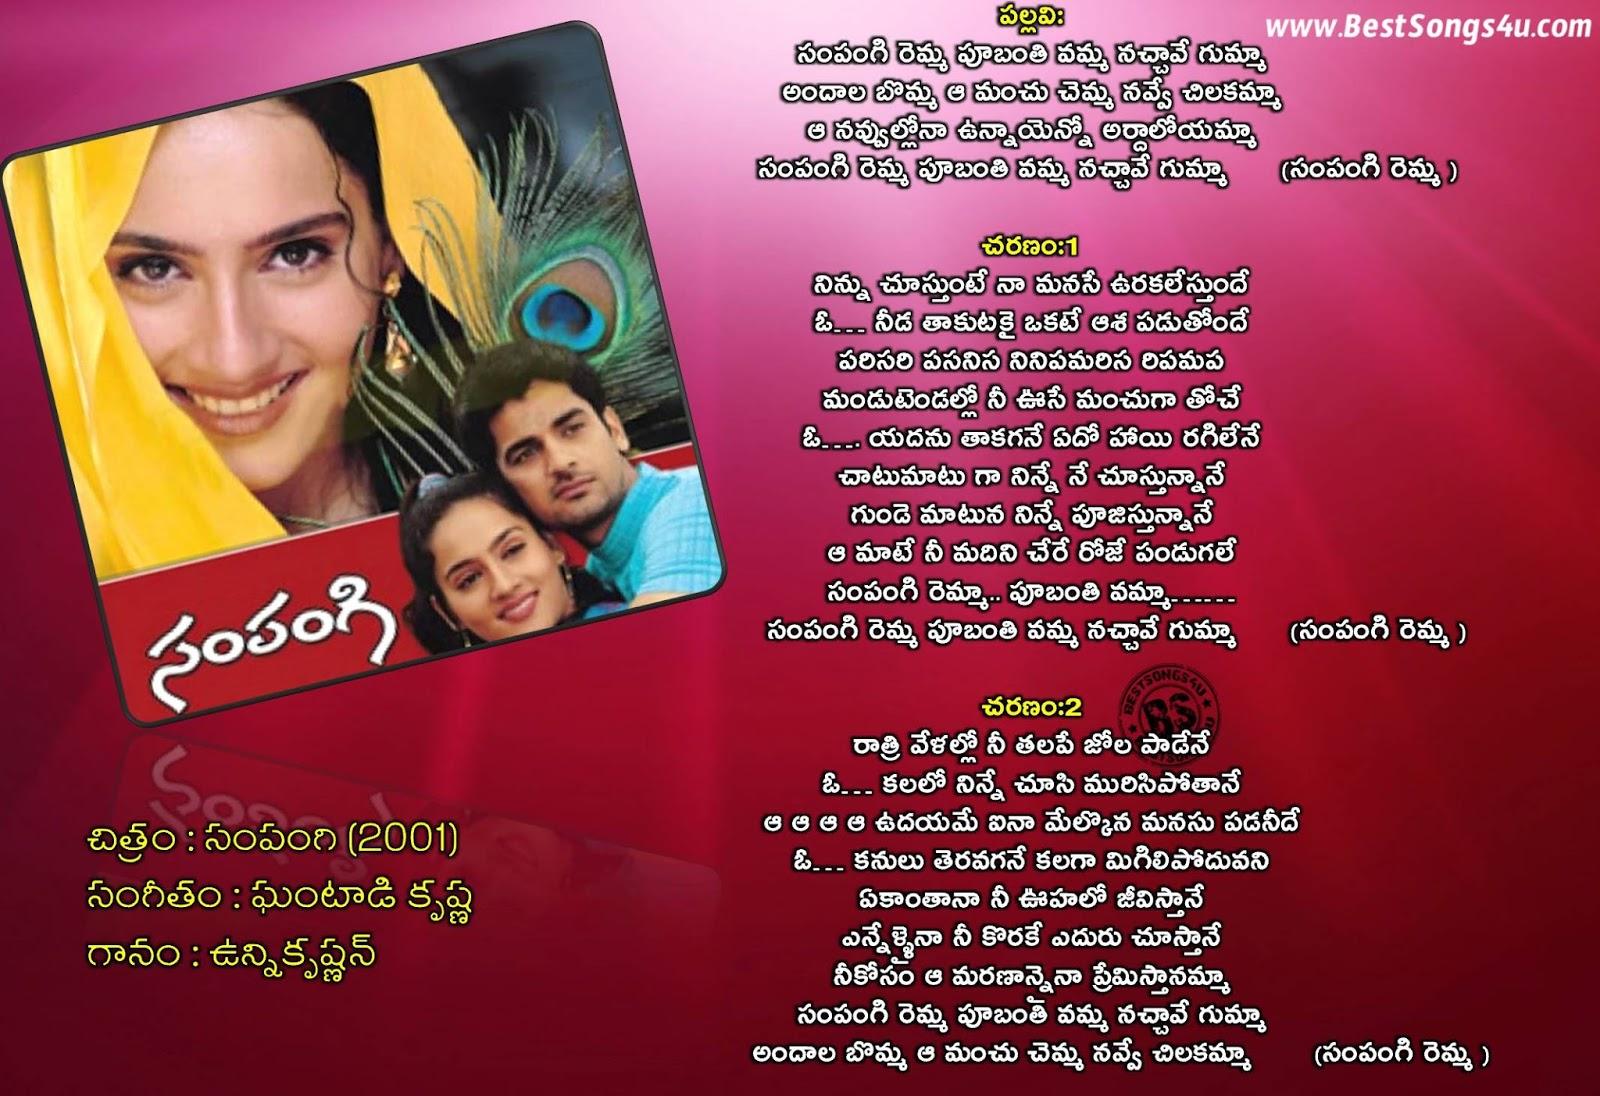 Hindi melody songs lyrics